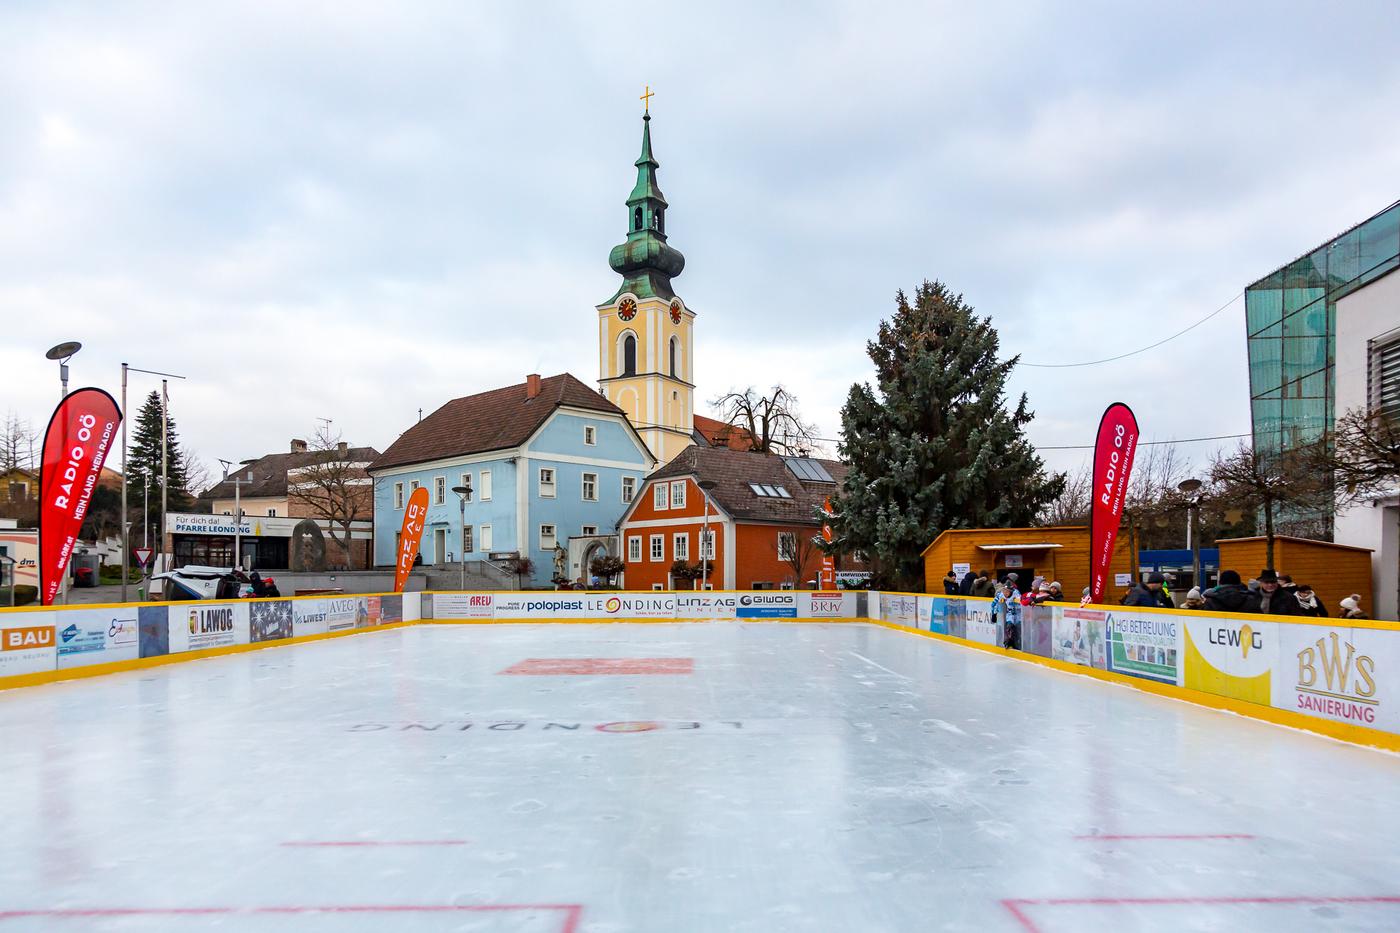 Eislaufplatz Leonding, Im Hintergrund die Kirche und das 44er Haus